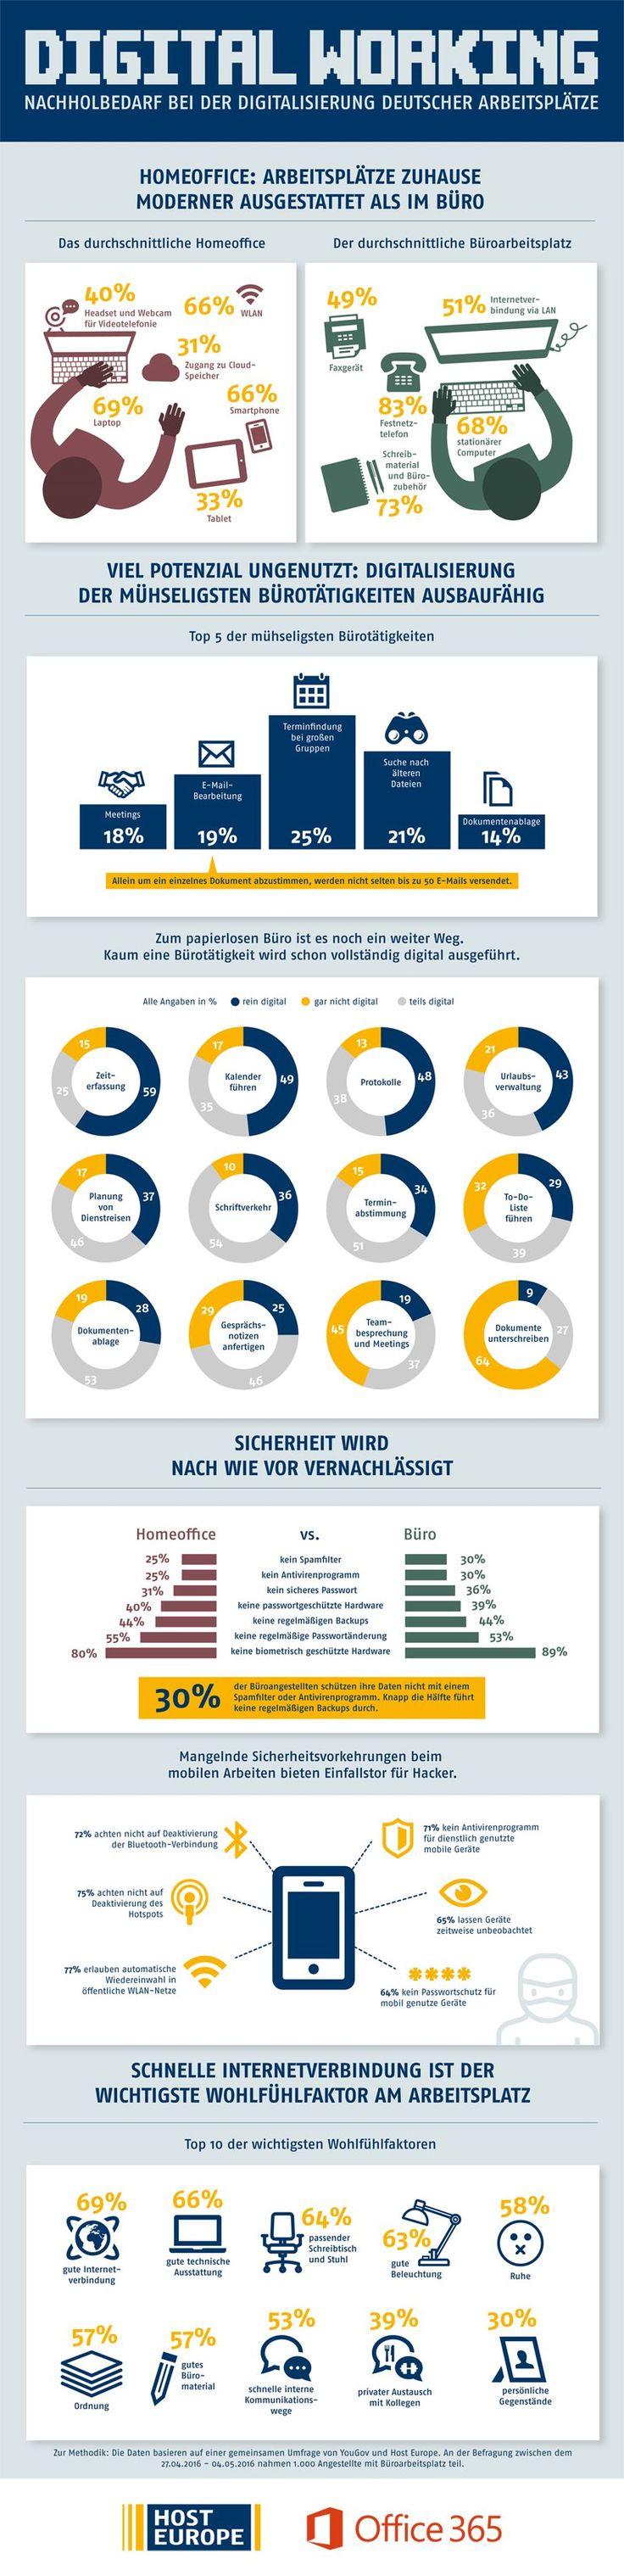 Modernes Homeoffice, verstaubtes Büro. Digitalisierung in Deutschland! #infografik via @kroker